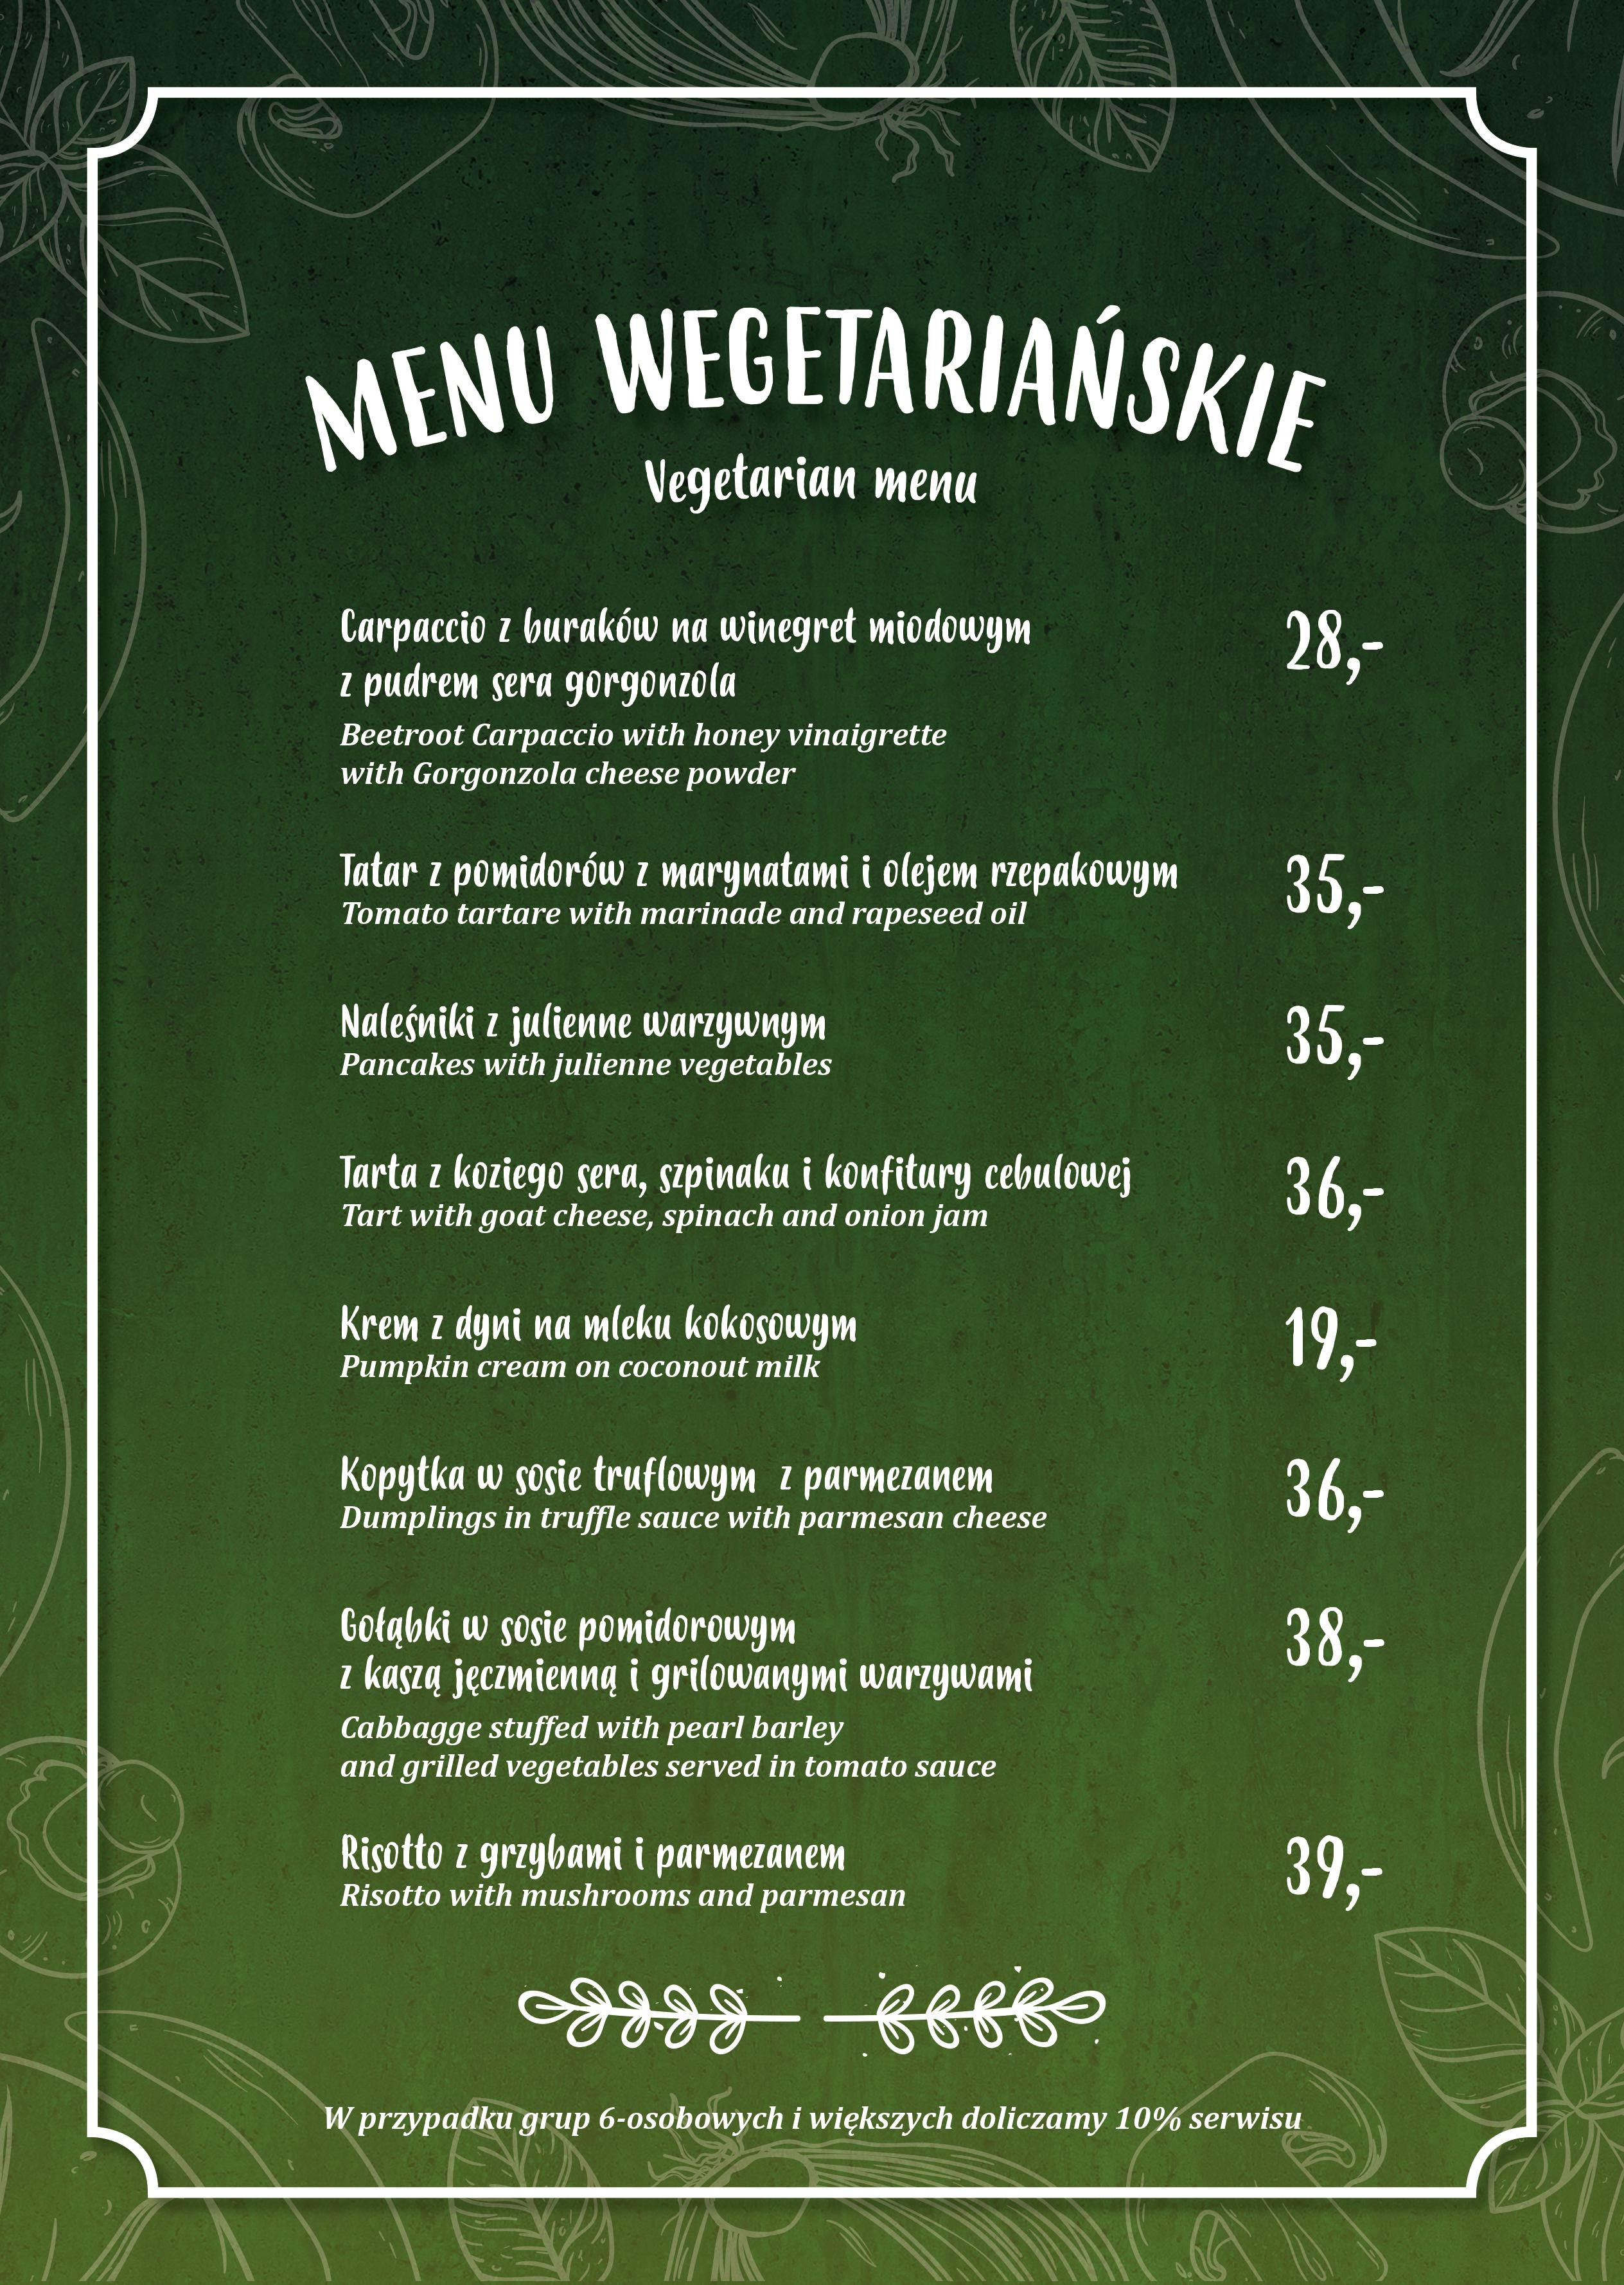 Nowe menu wegetariańskie w Akademii